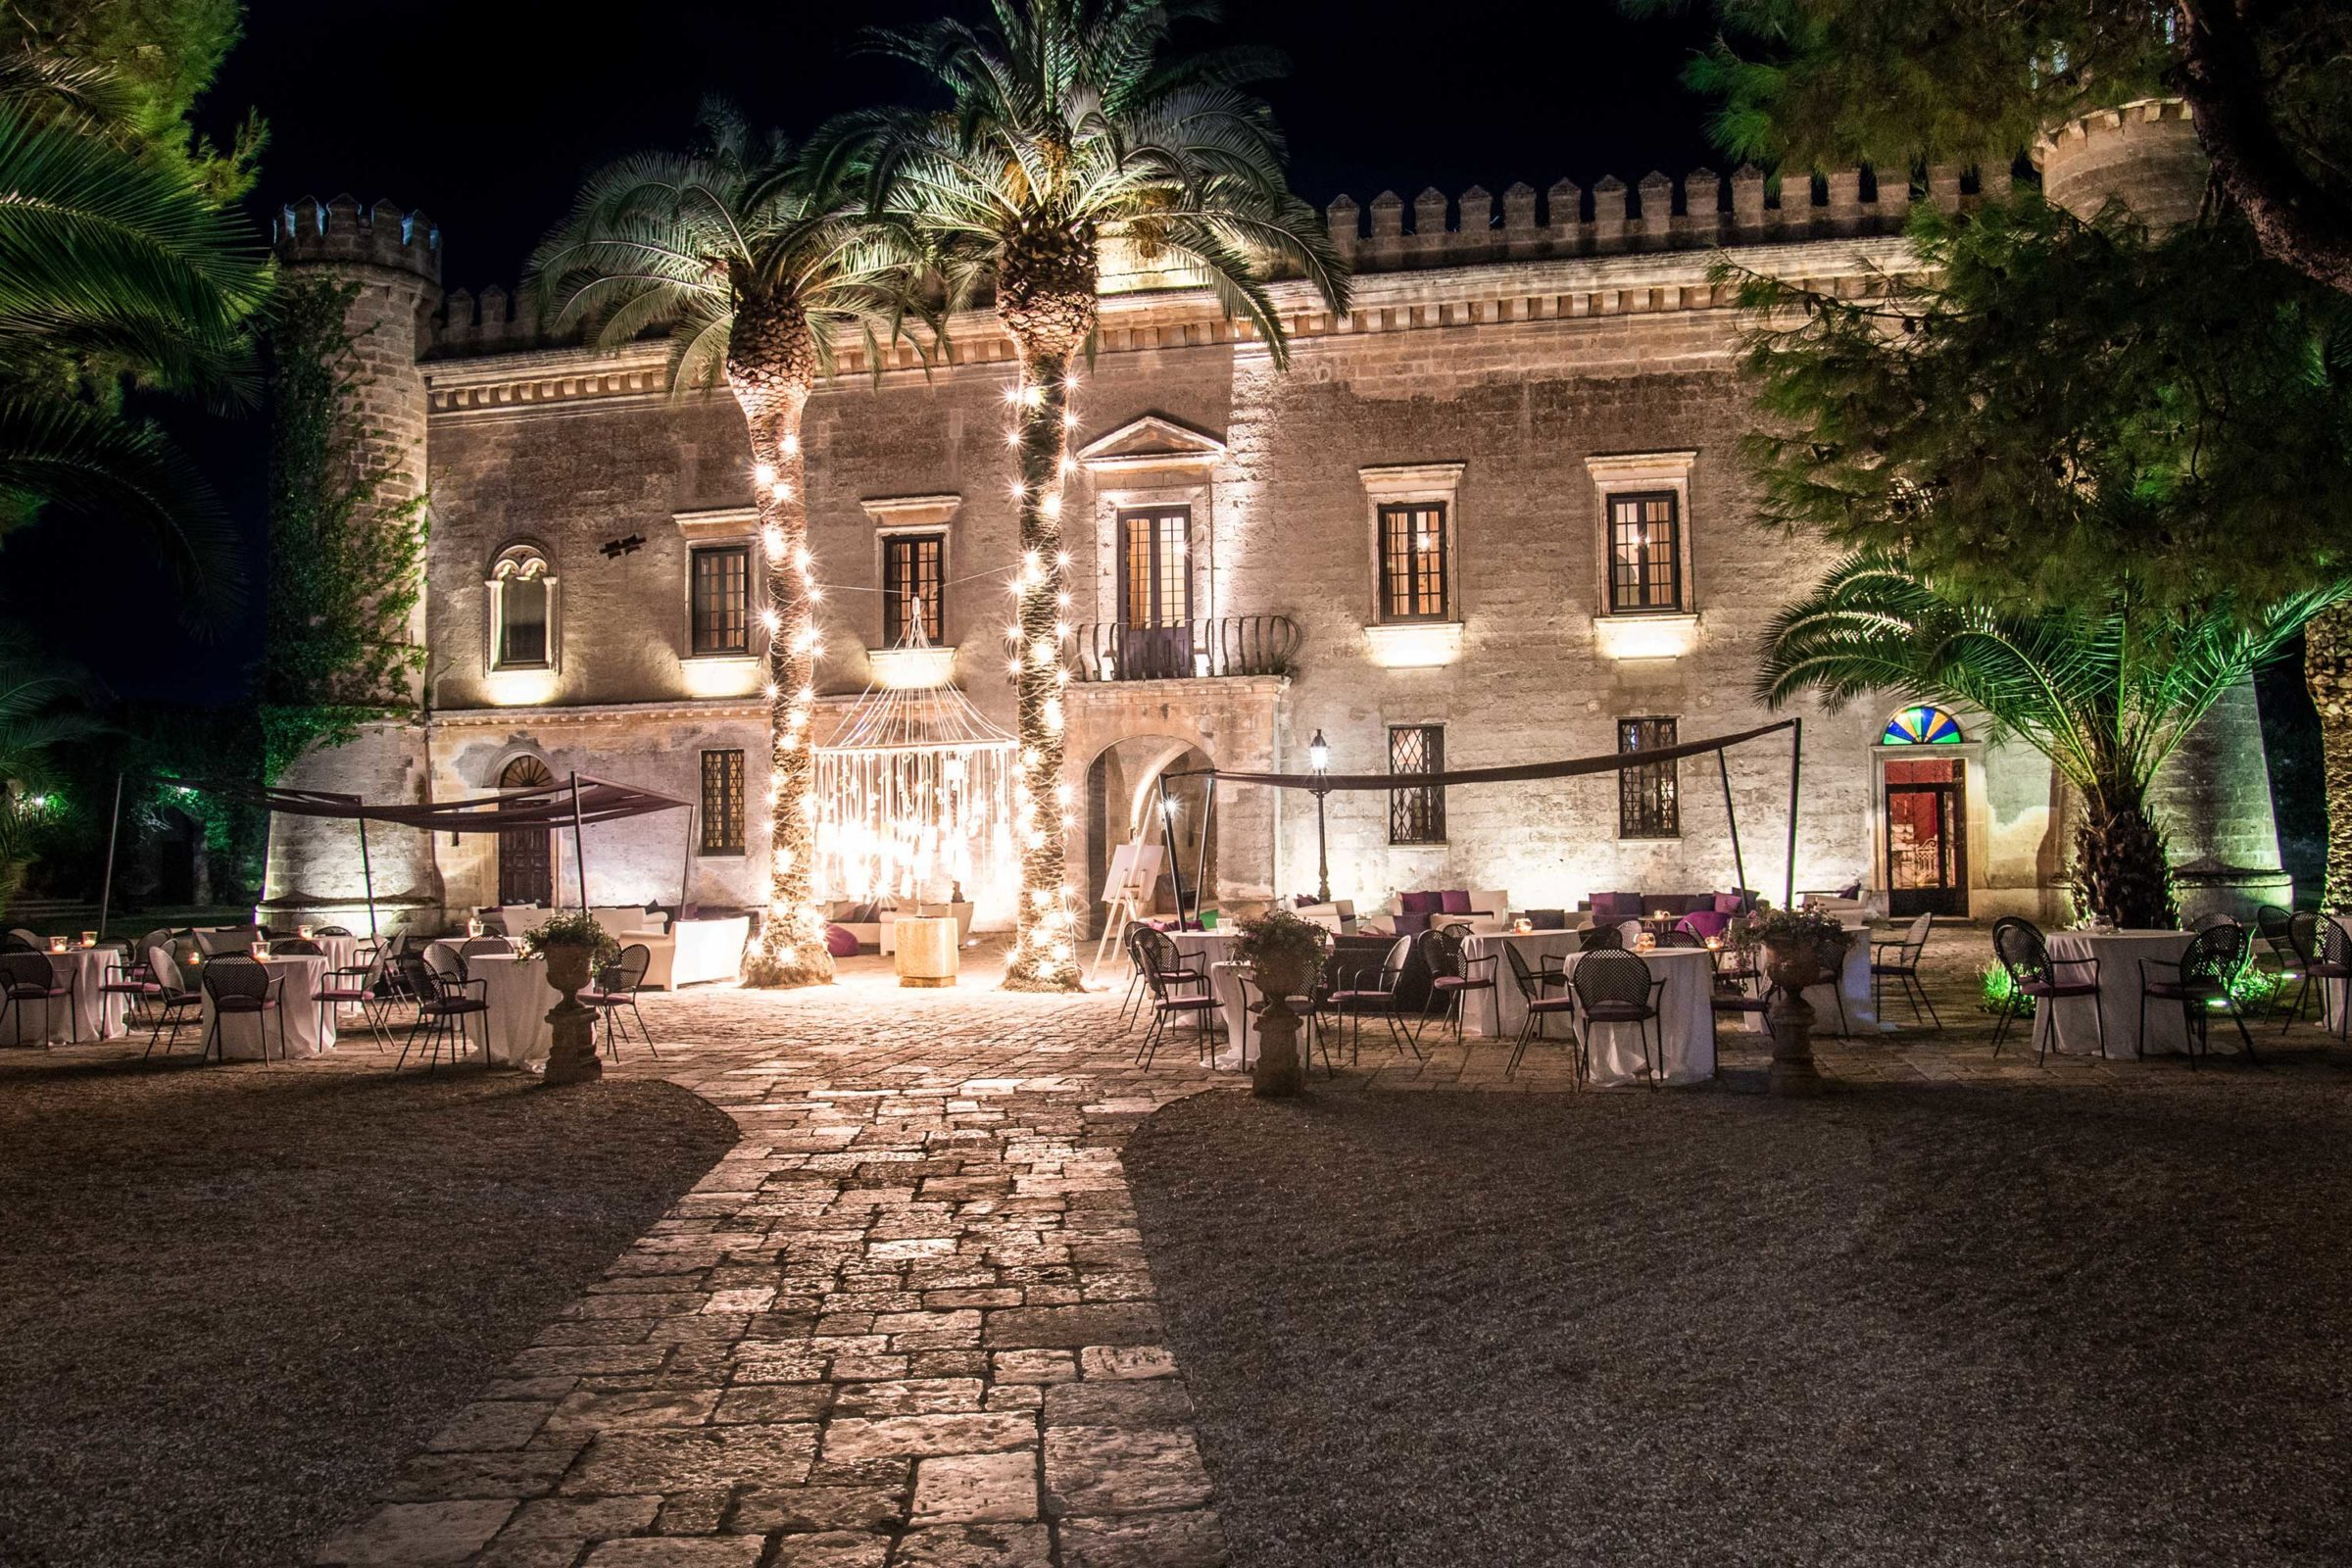 Castello monaci matrimonio wedding puglia lecce castello monaci sera 2400x1600